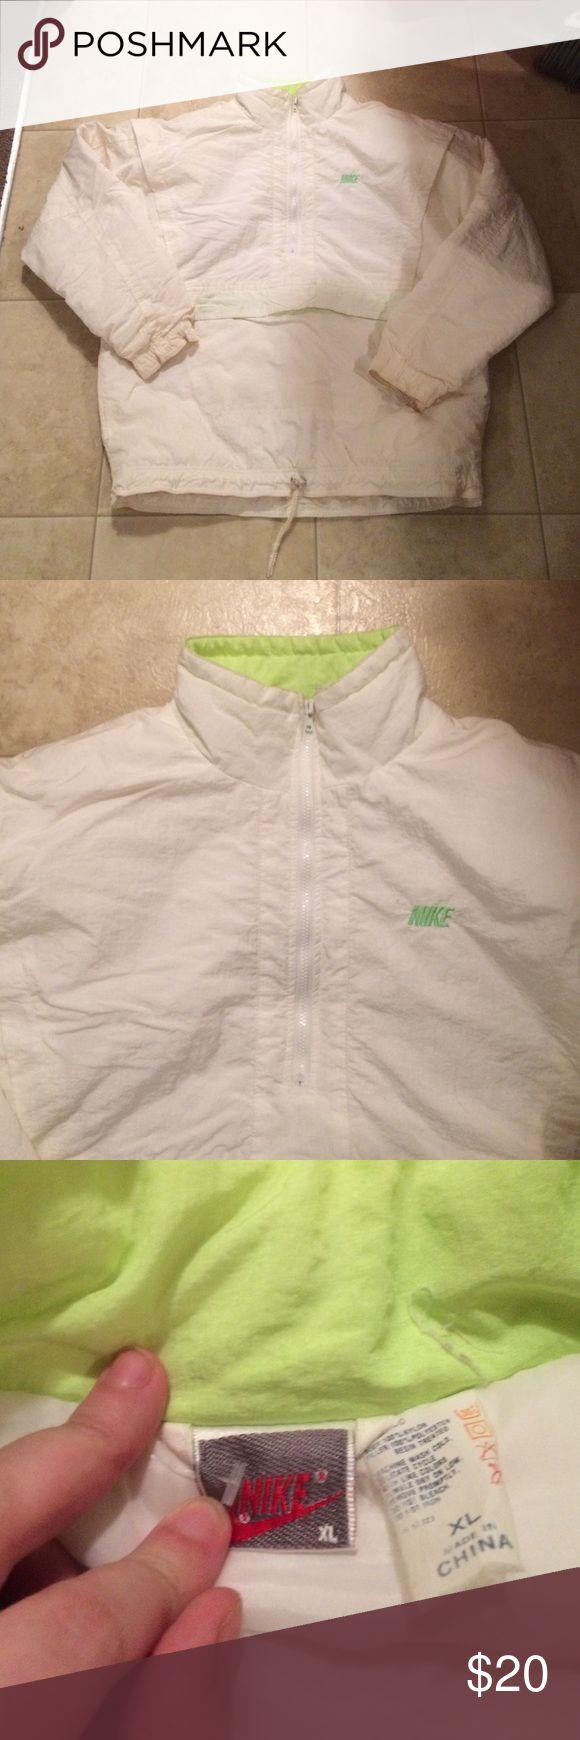 $18 heavy Nike winter coat Very thick and warm! Nike Jackets & Coats